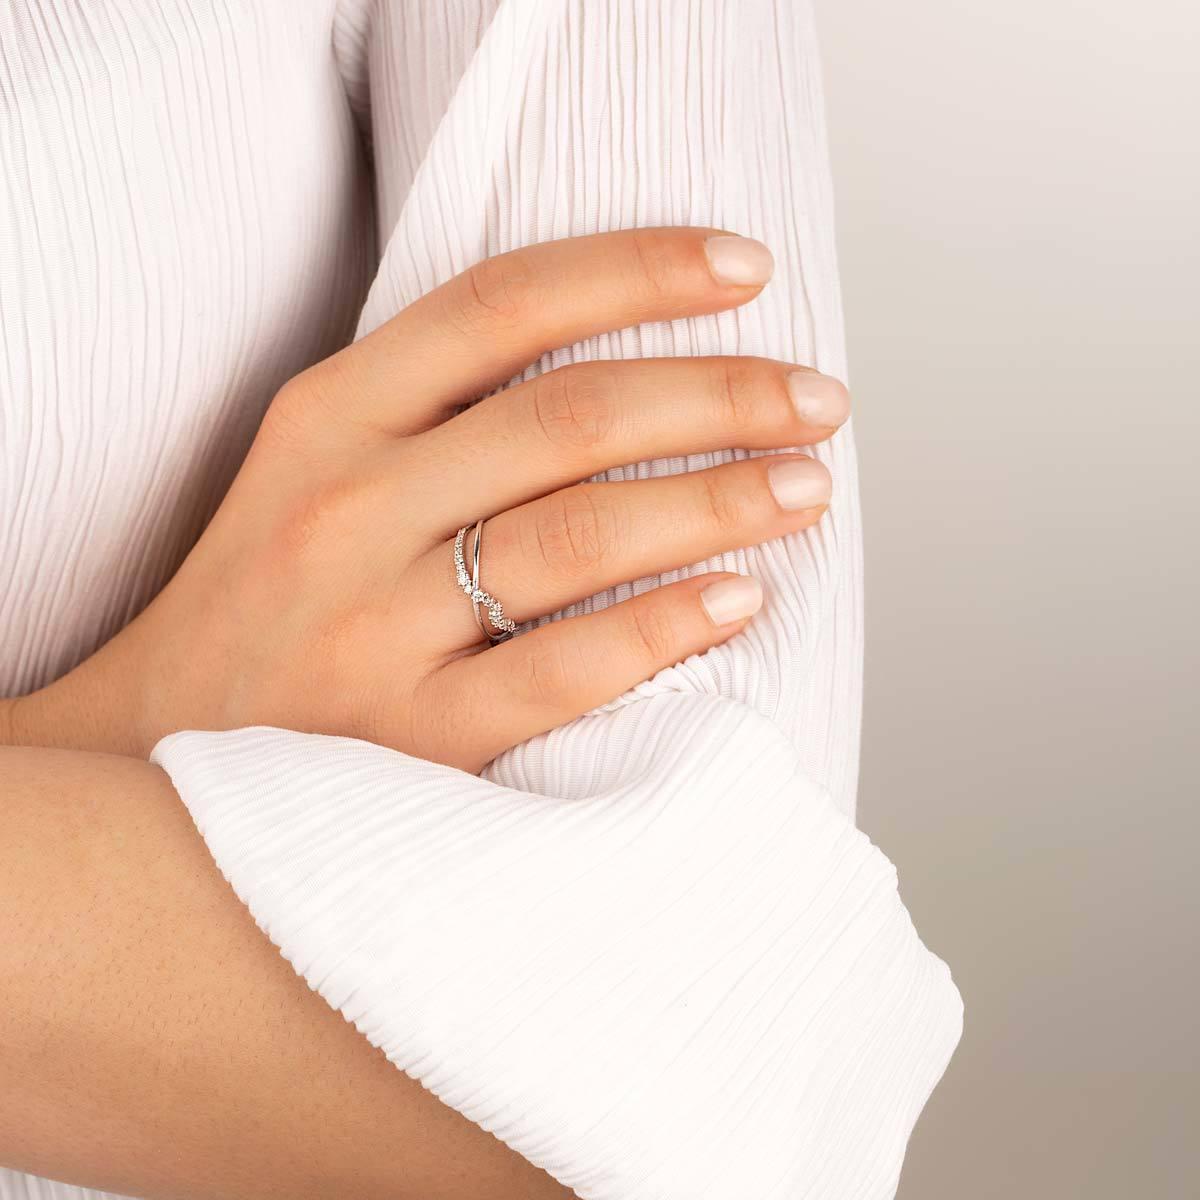 انگشتر طلا سفید دو رینگ موج